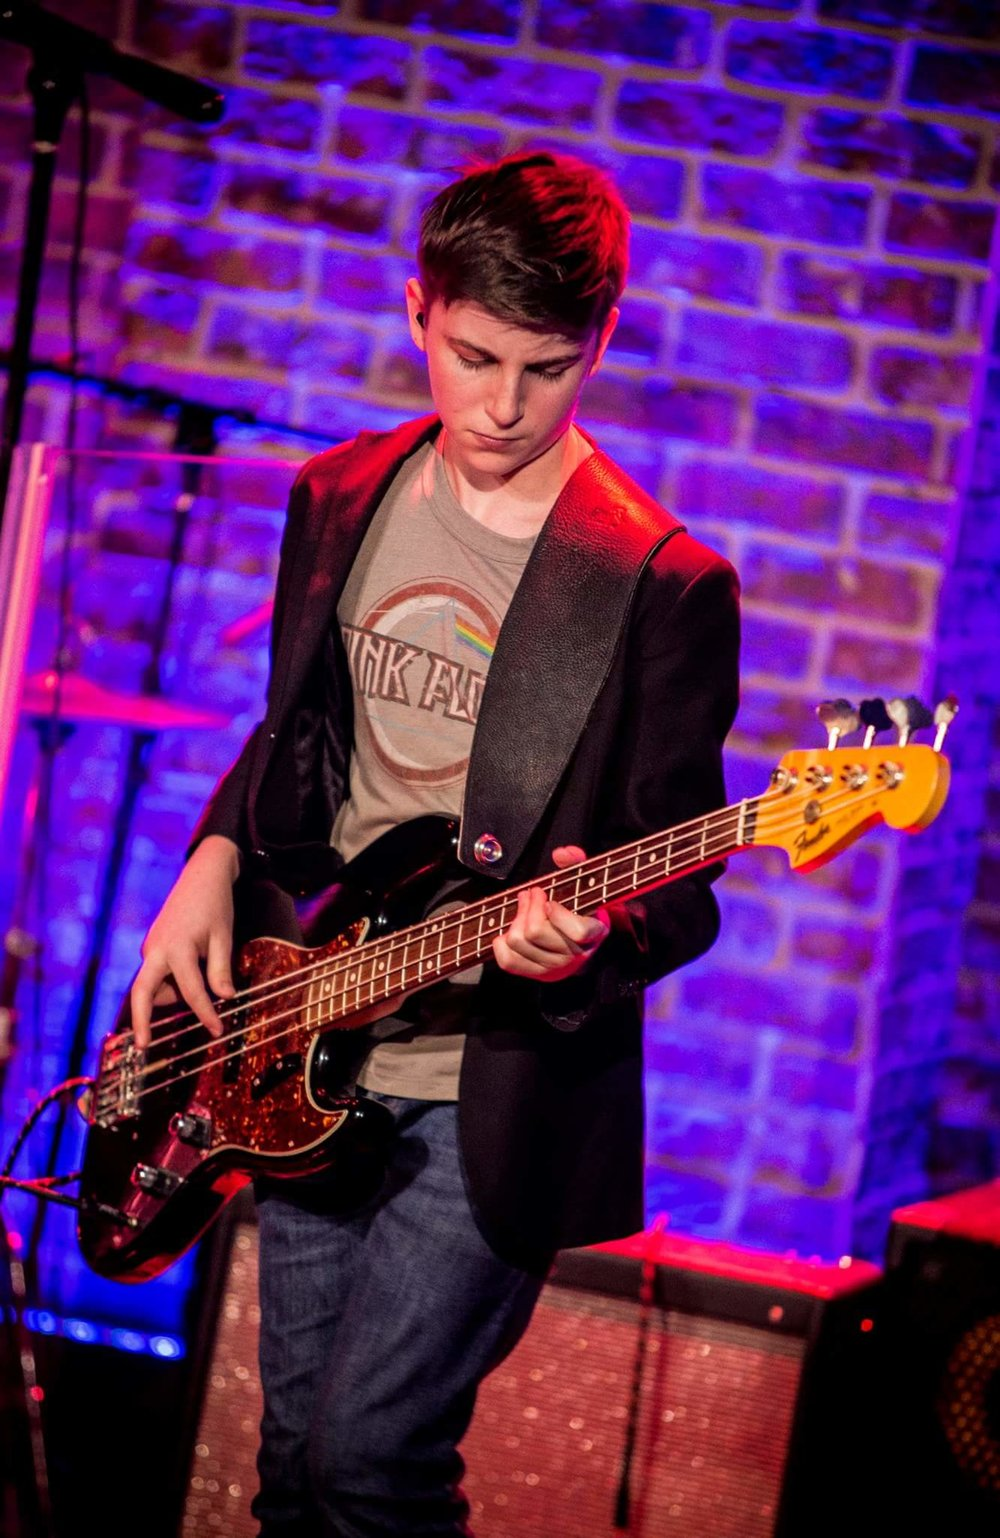 Jersey-Sullivan-bass_Iridium-NYC.jpg